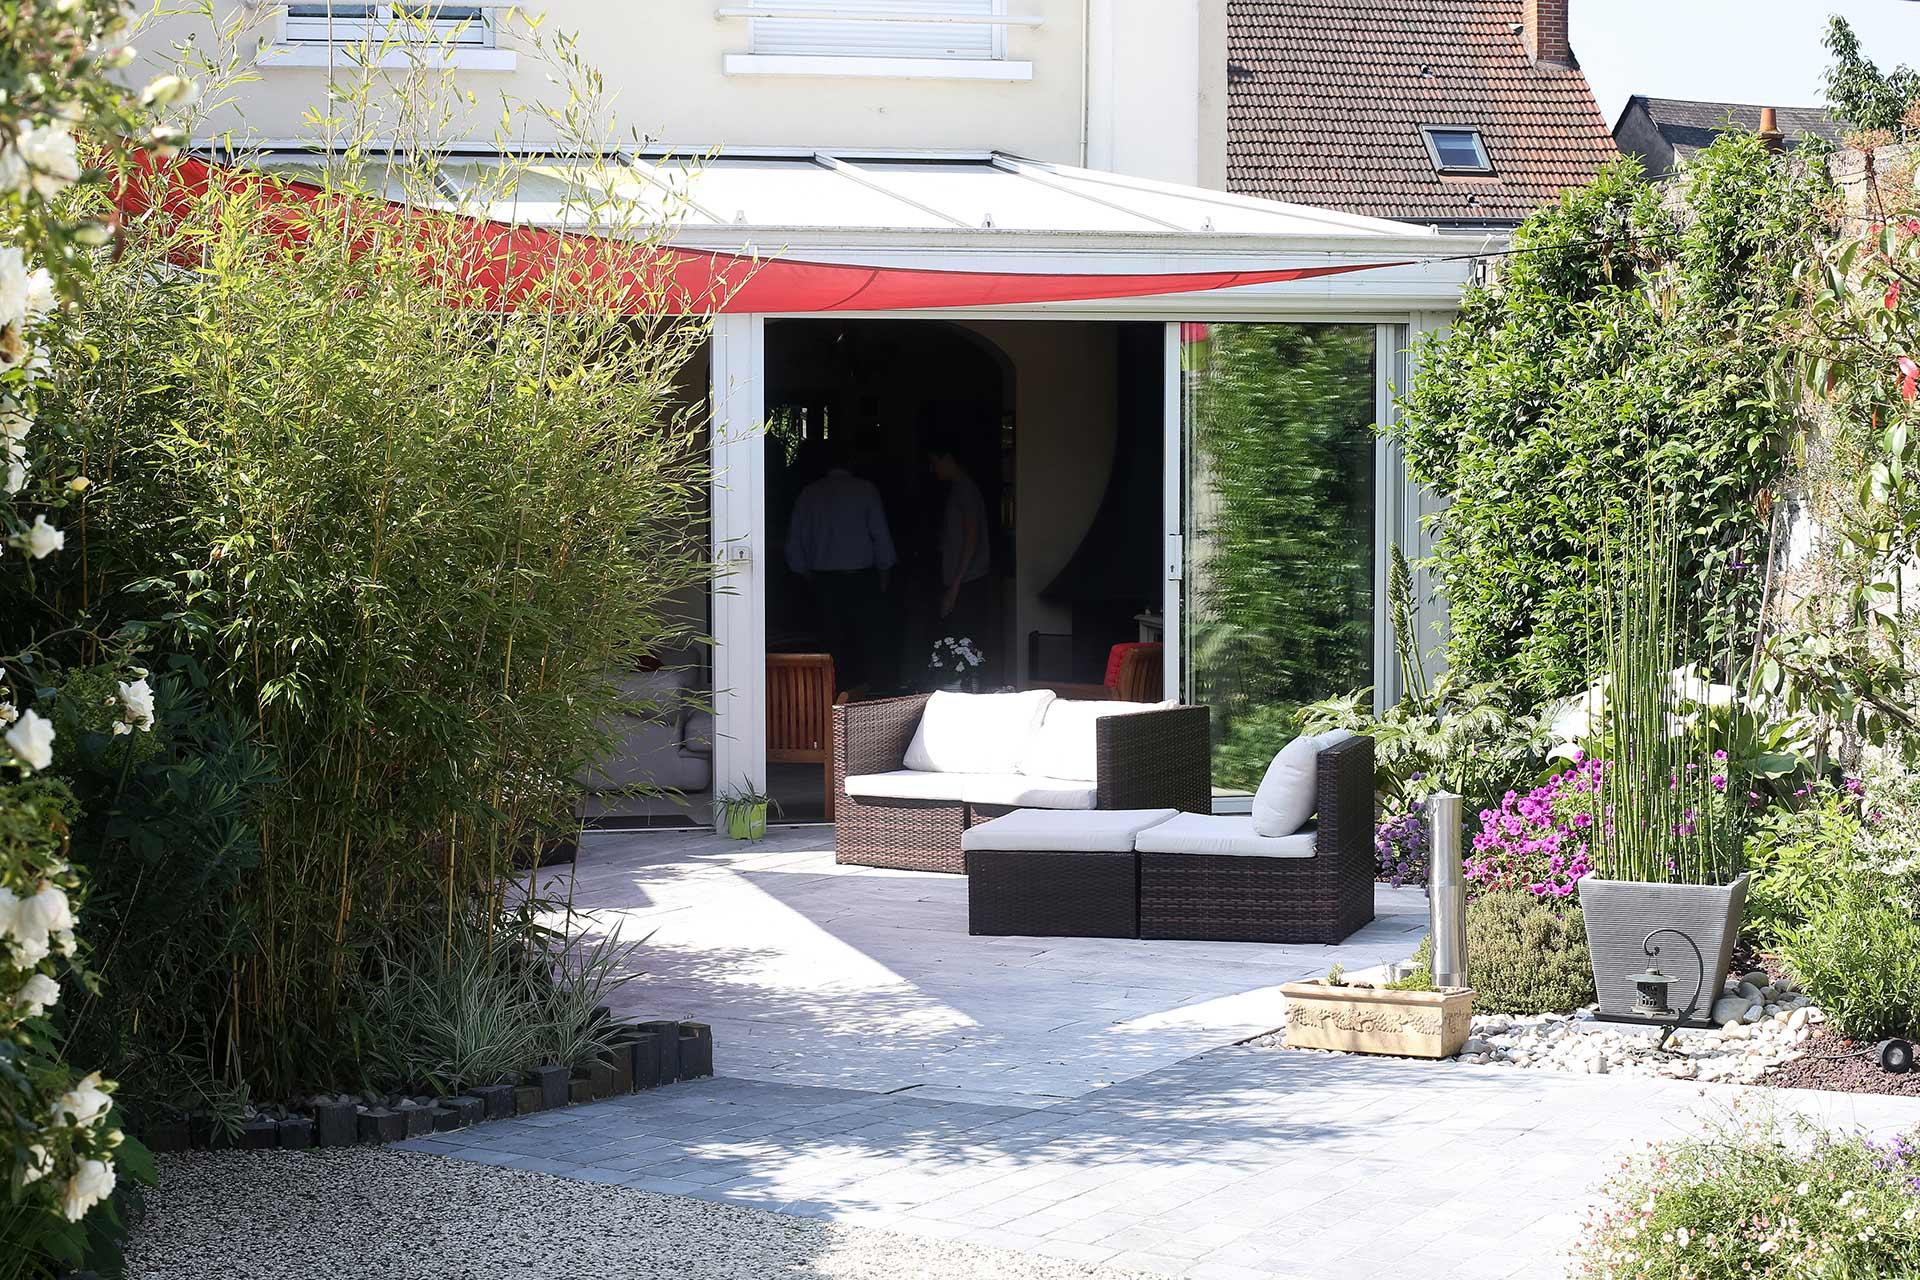 Serrault Jardins, réalise des jardins à la Ville aux Dames et aux alentours : Fondettes, Montlouis-sur-Loire, Rochecorbon....